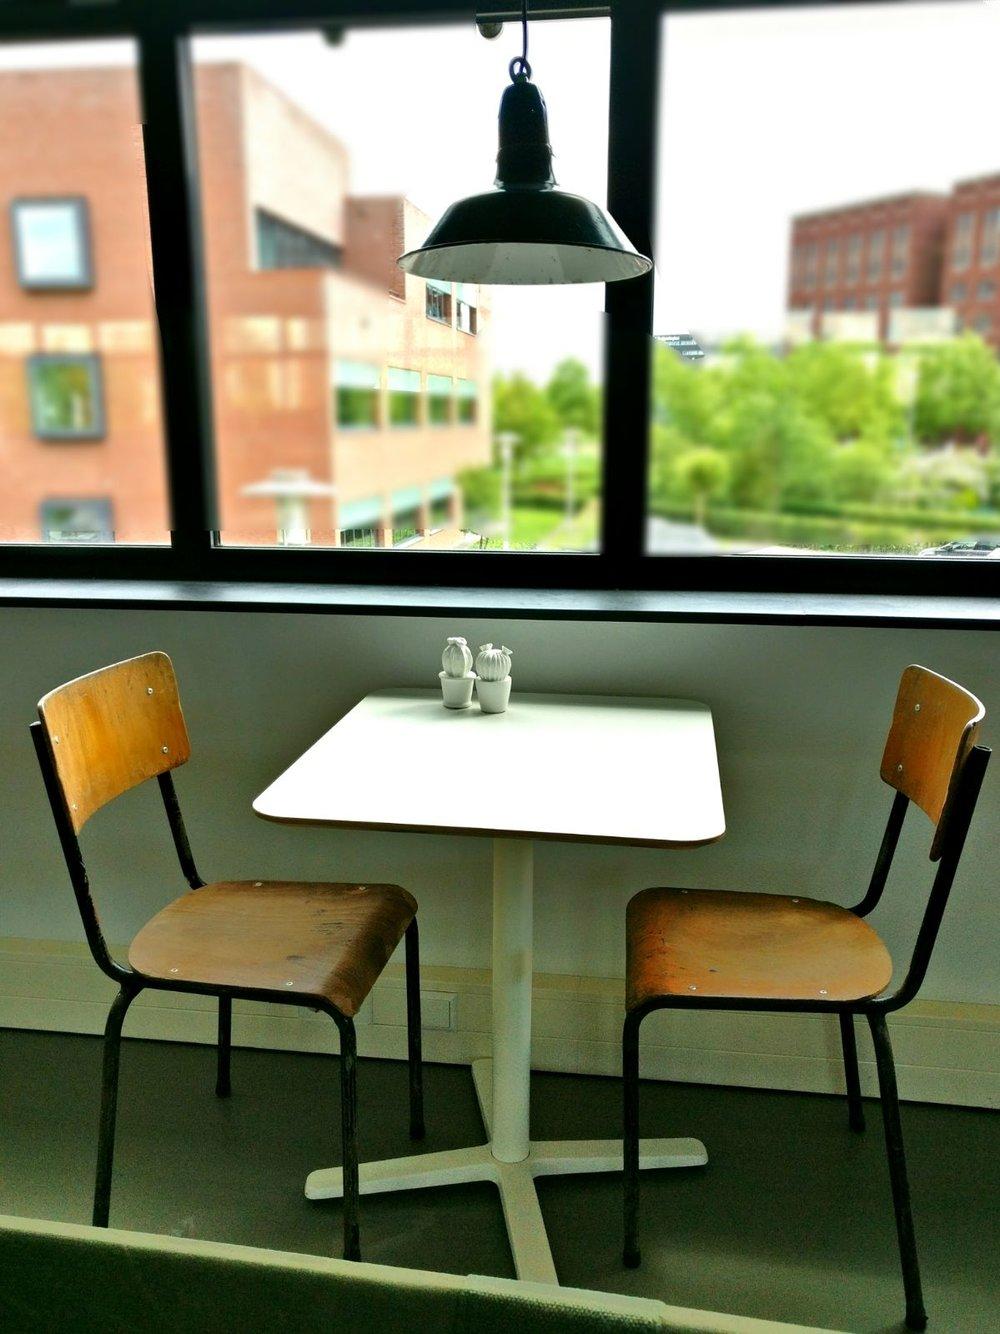 moderne kantoorruimte licht keuken eettafel industriële lamp schoolstoelen en planten.jpg